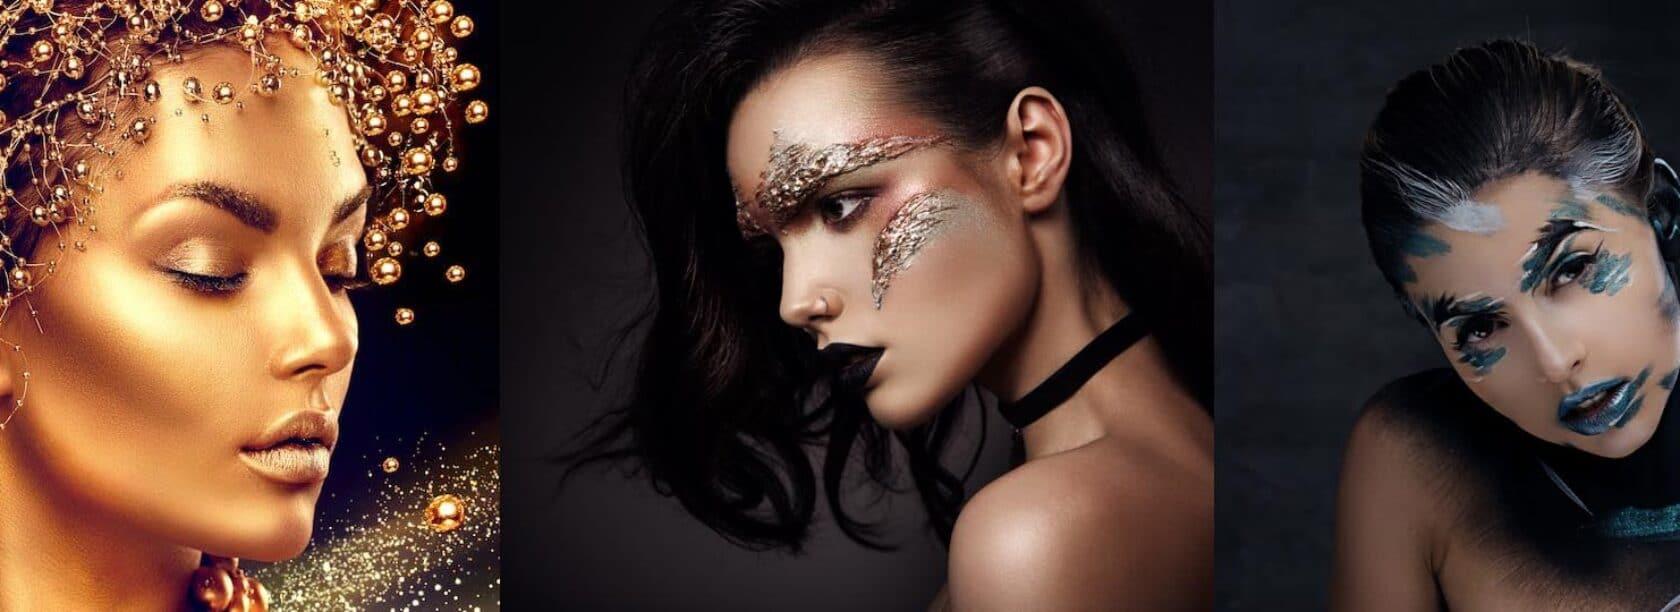 Make-Up Artist Ausbildung Berlin